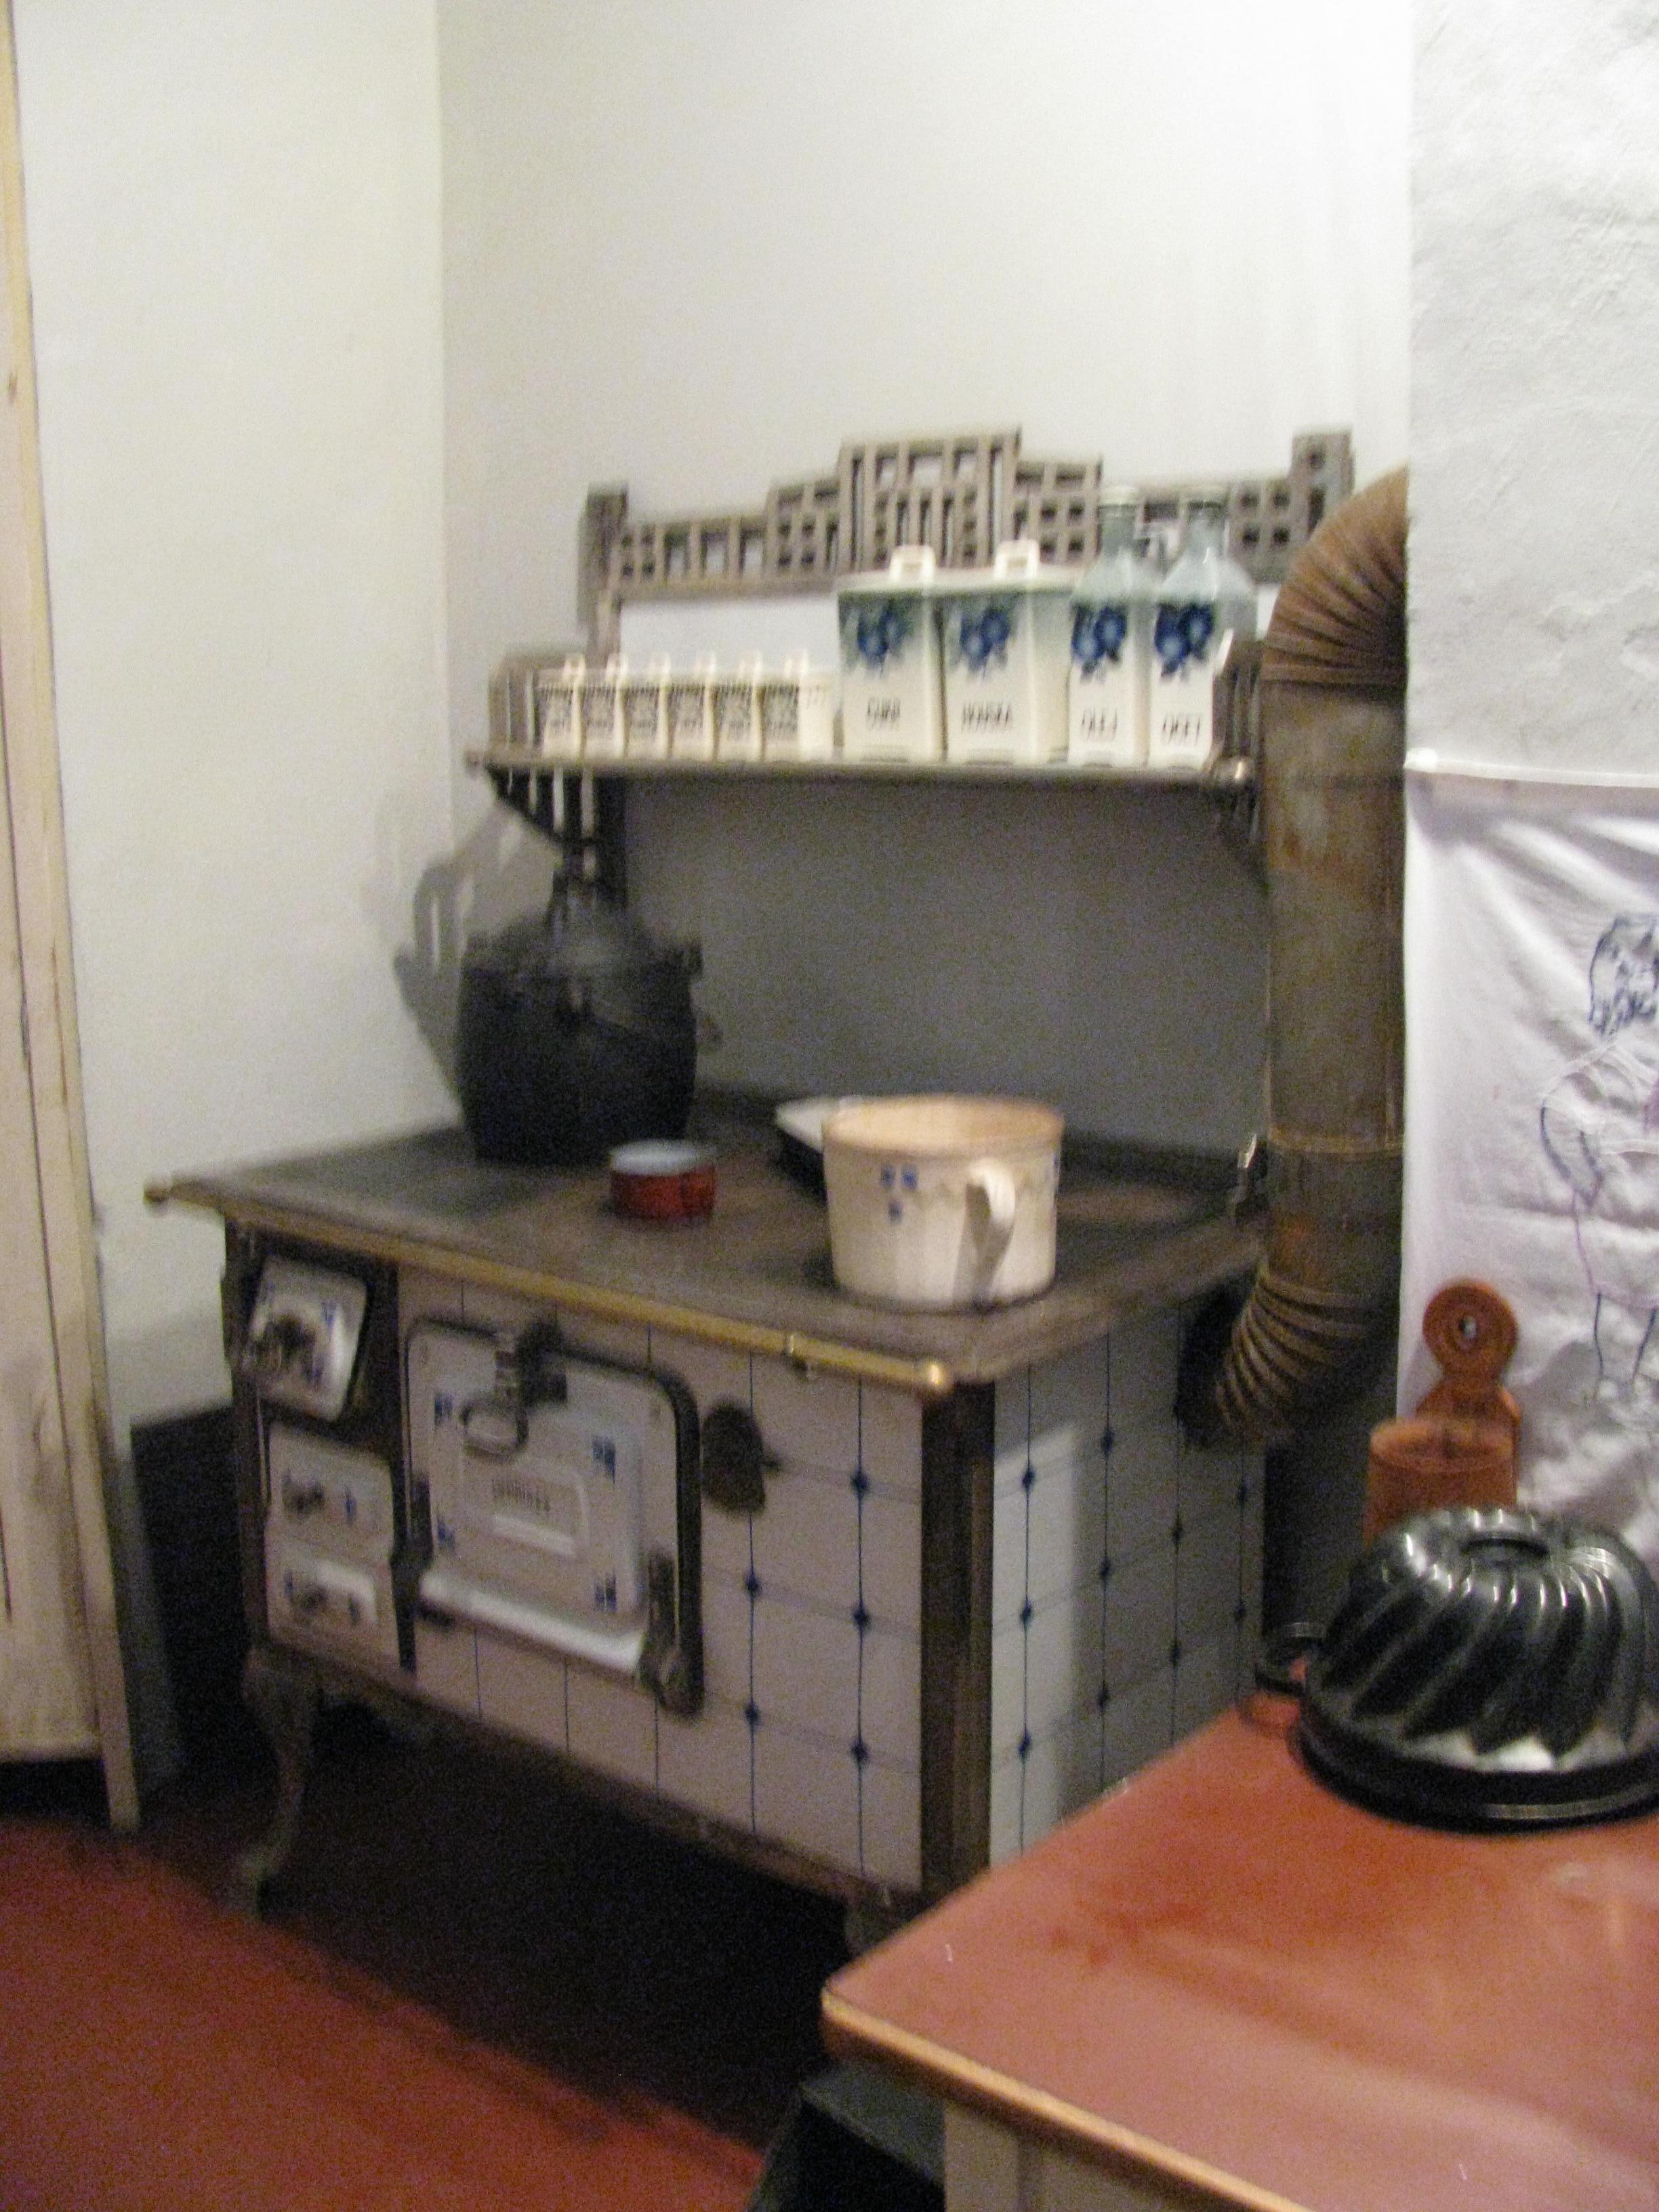 radio prag museum f r gastronomie von der feuerst tte zum gasherd. Black Bedroom Furniture Sets. Home Design Ideas